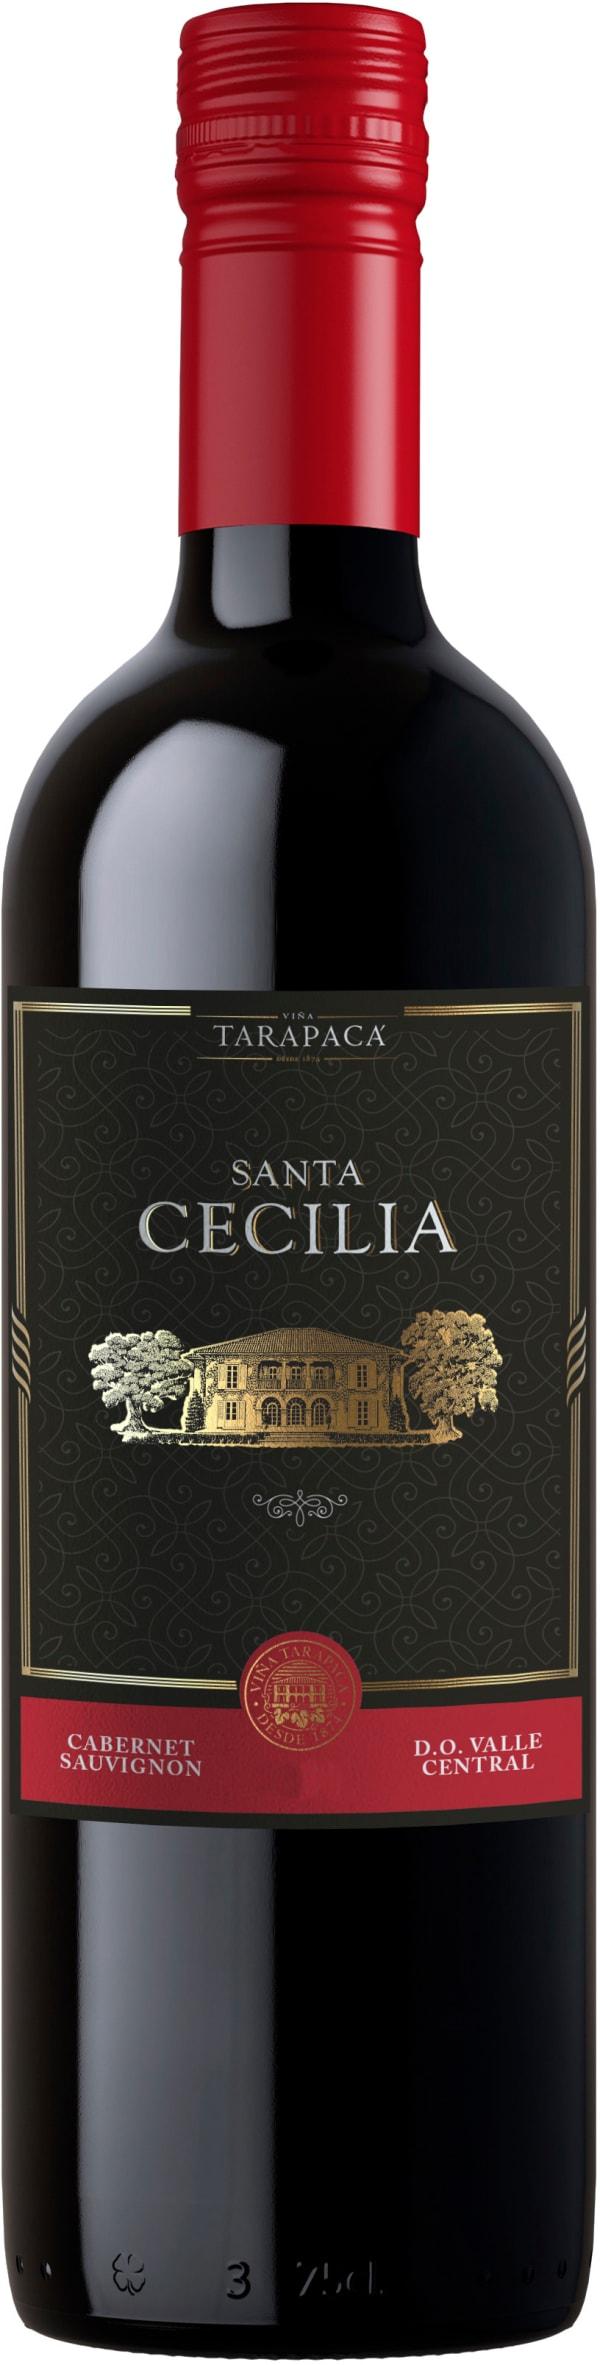 Tarapacá Santa Cecilia Cabernet Sauvignon 2018